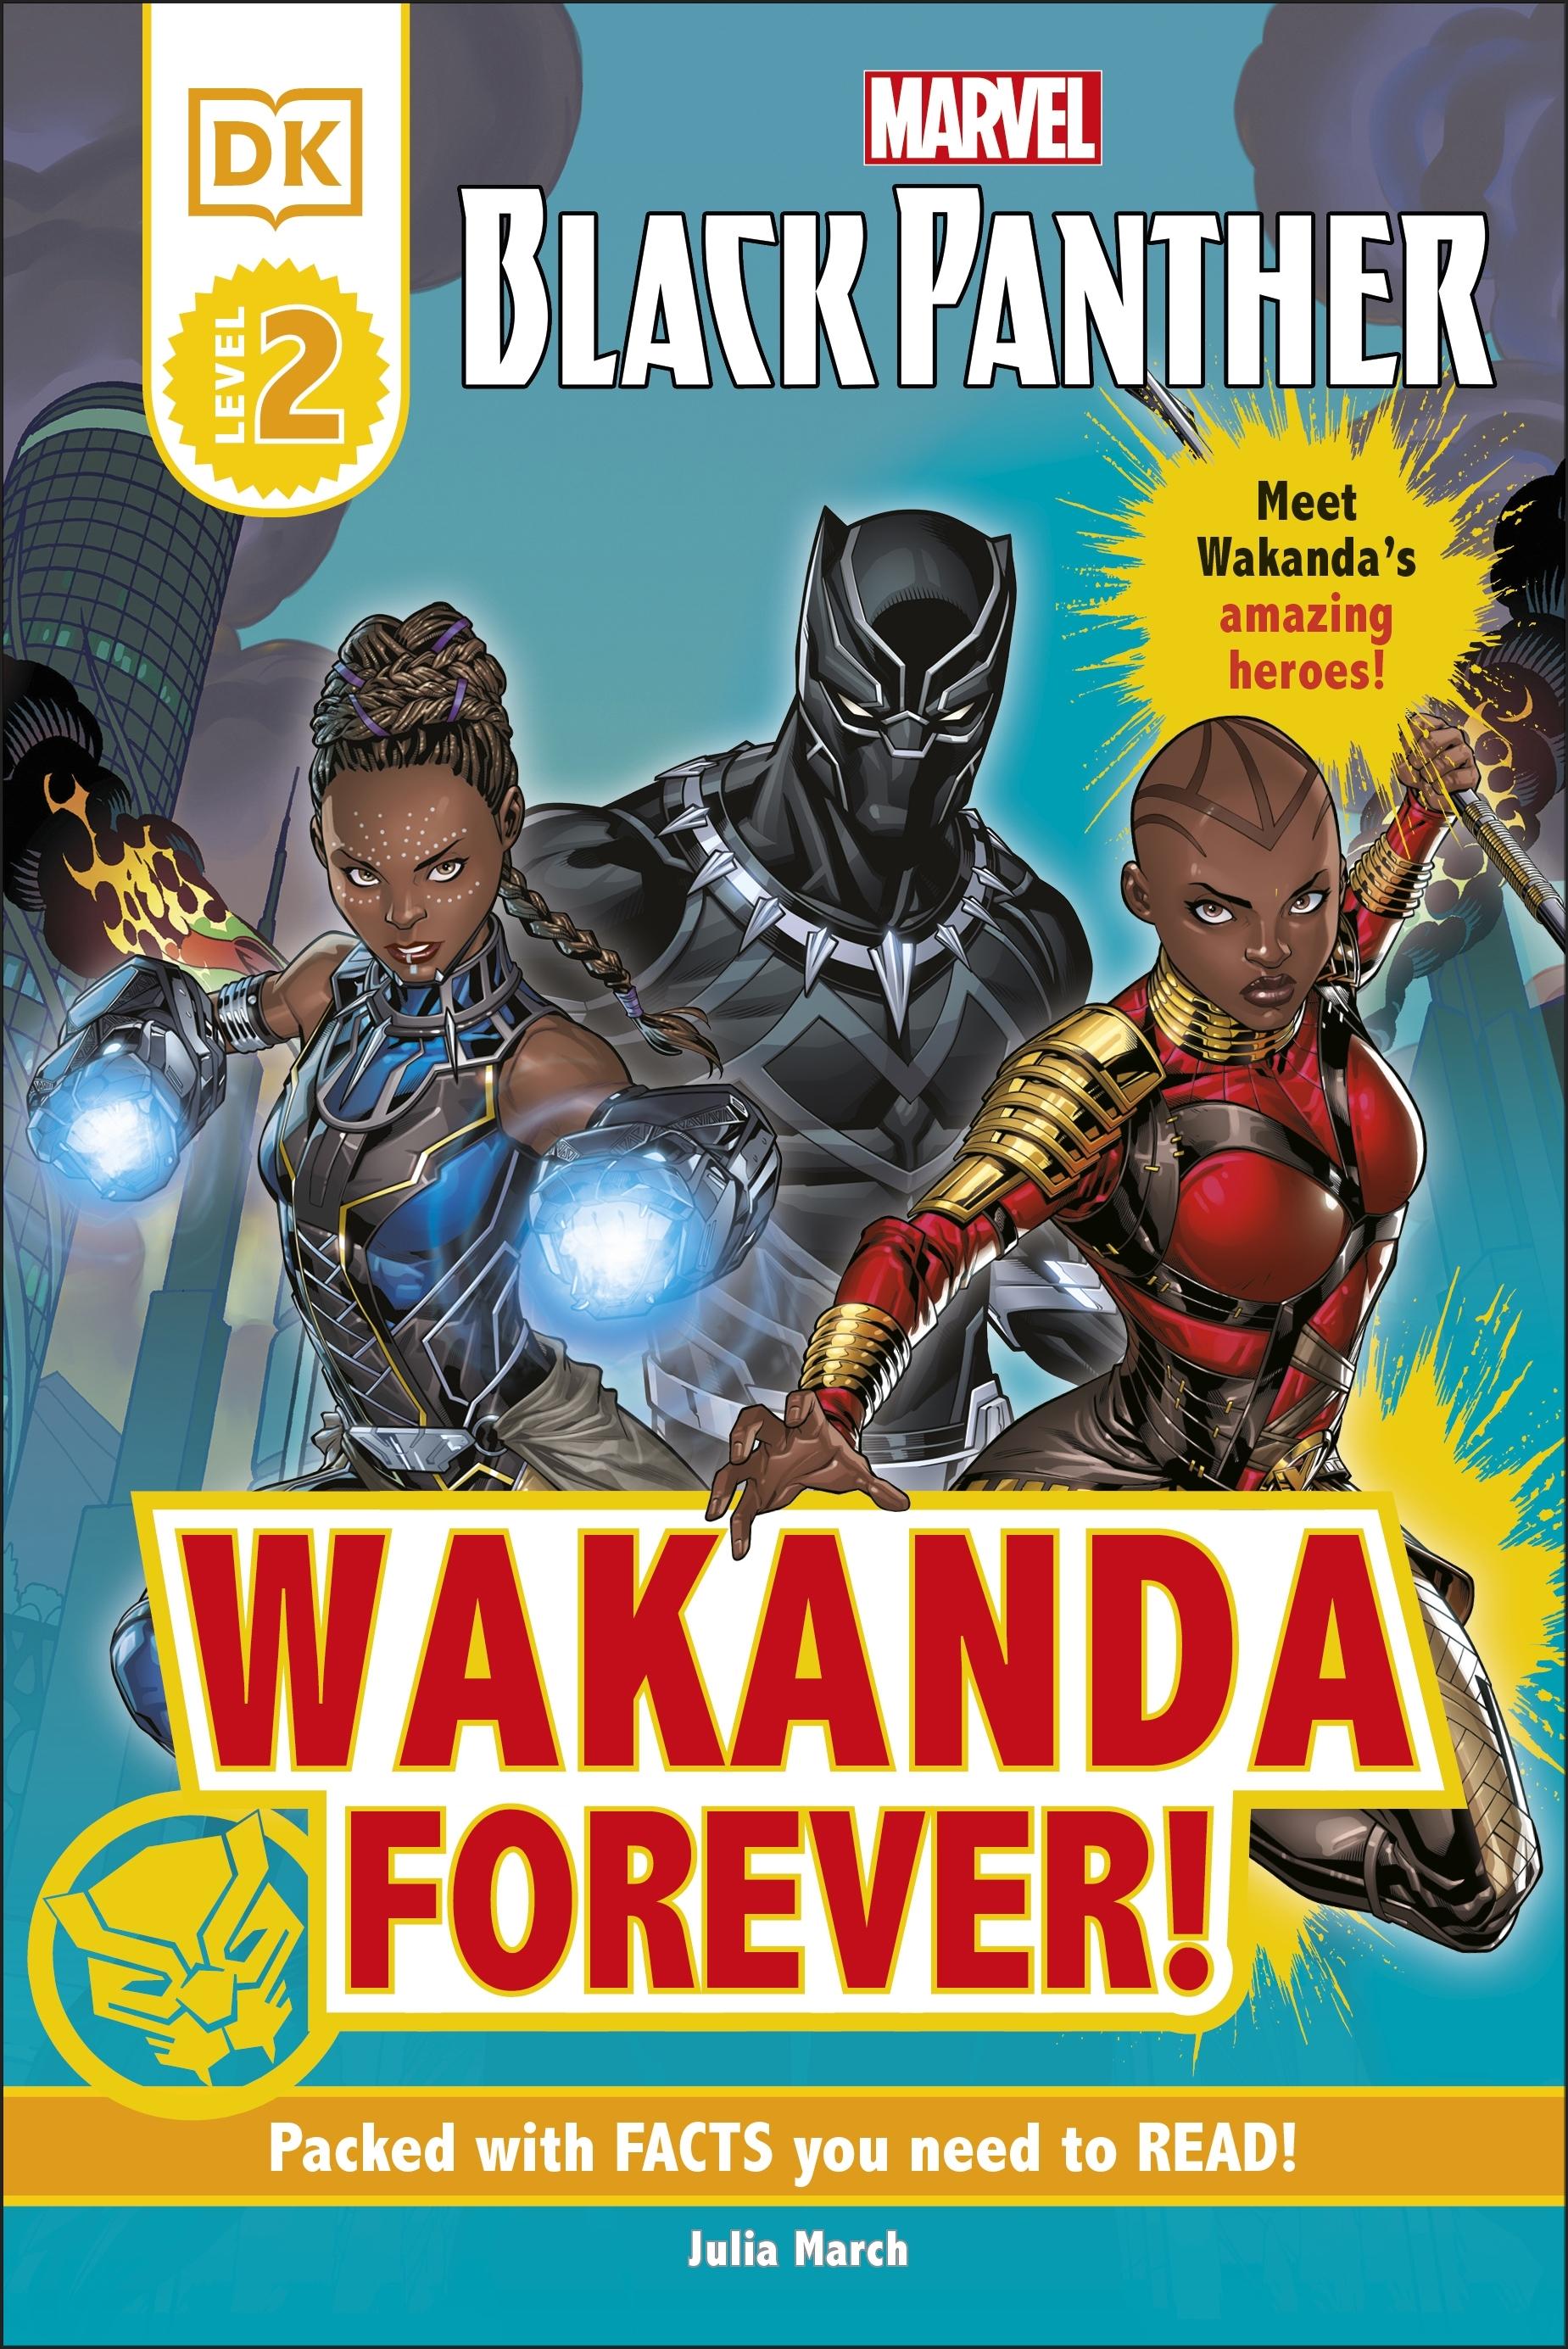 Marvel Black Panther Wakanda Forever! - Penguin Books Australia